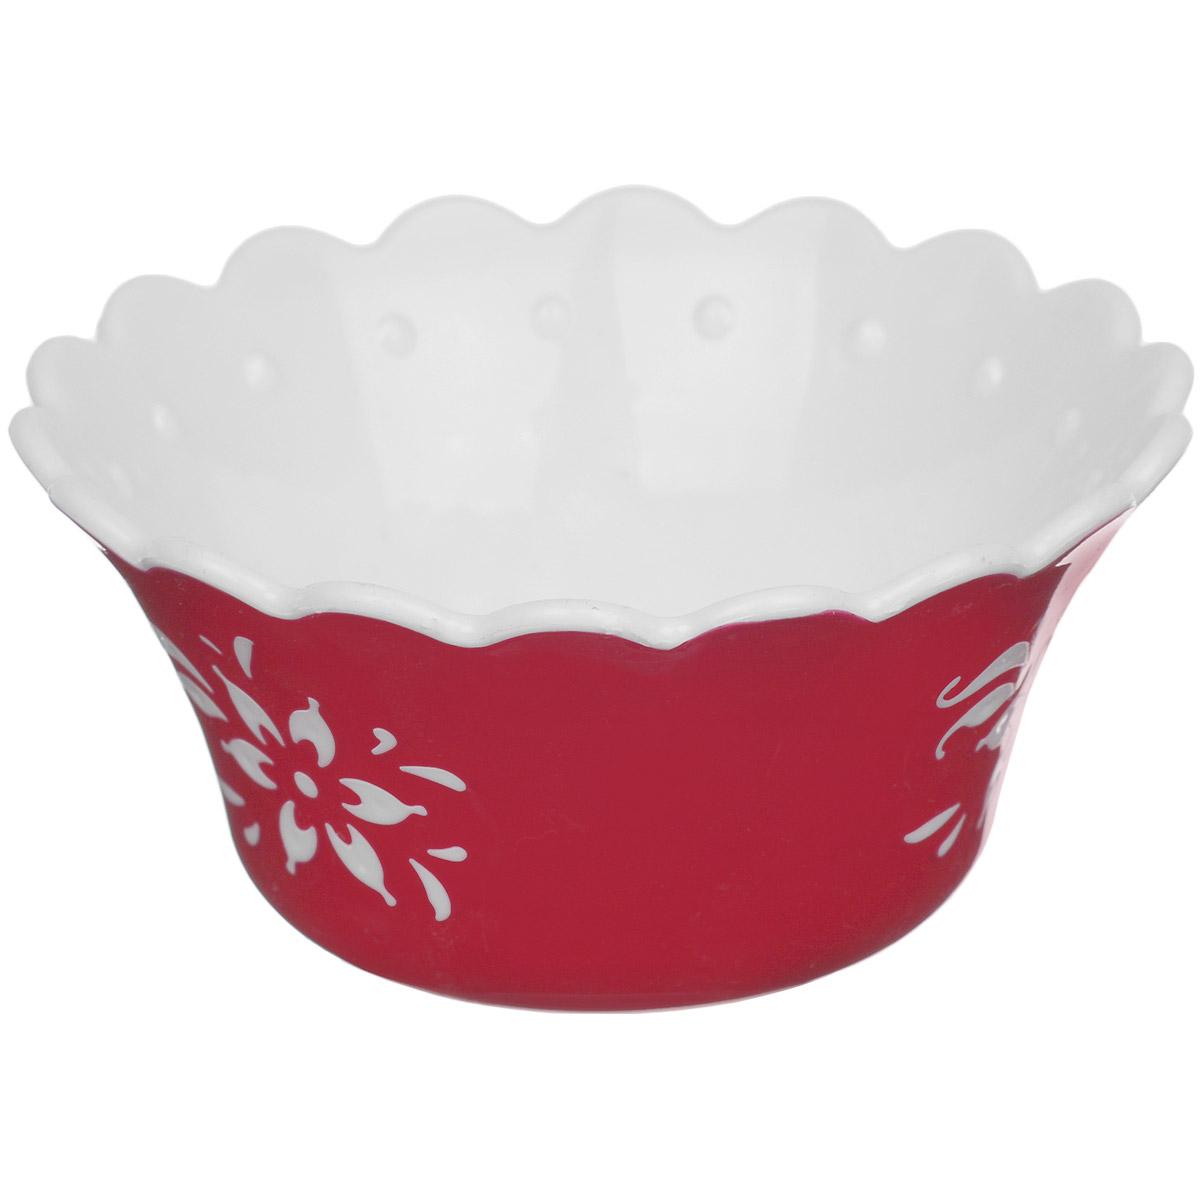 Емкость для варенья Альтернатива Премьера, цвет: красный, 10,5 см х 10,5 см х 9,2 смVT-1520(SR)Емкость для варенья Альтернатива Премьера выполнена из высококачественного пластика и оформлена узором. Емкость имеет прозрачную крышку и, несомненно, понравится любителям классического стиля.Такая емкость украсит ваш праздничный или обеденный стол, а яркое оформление понравится любой хозяйке.